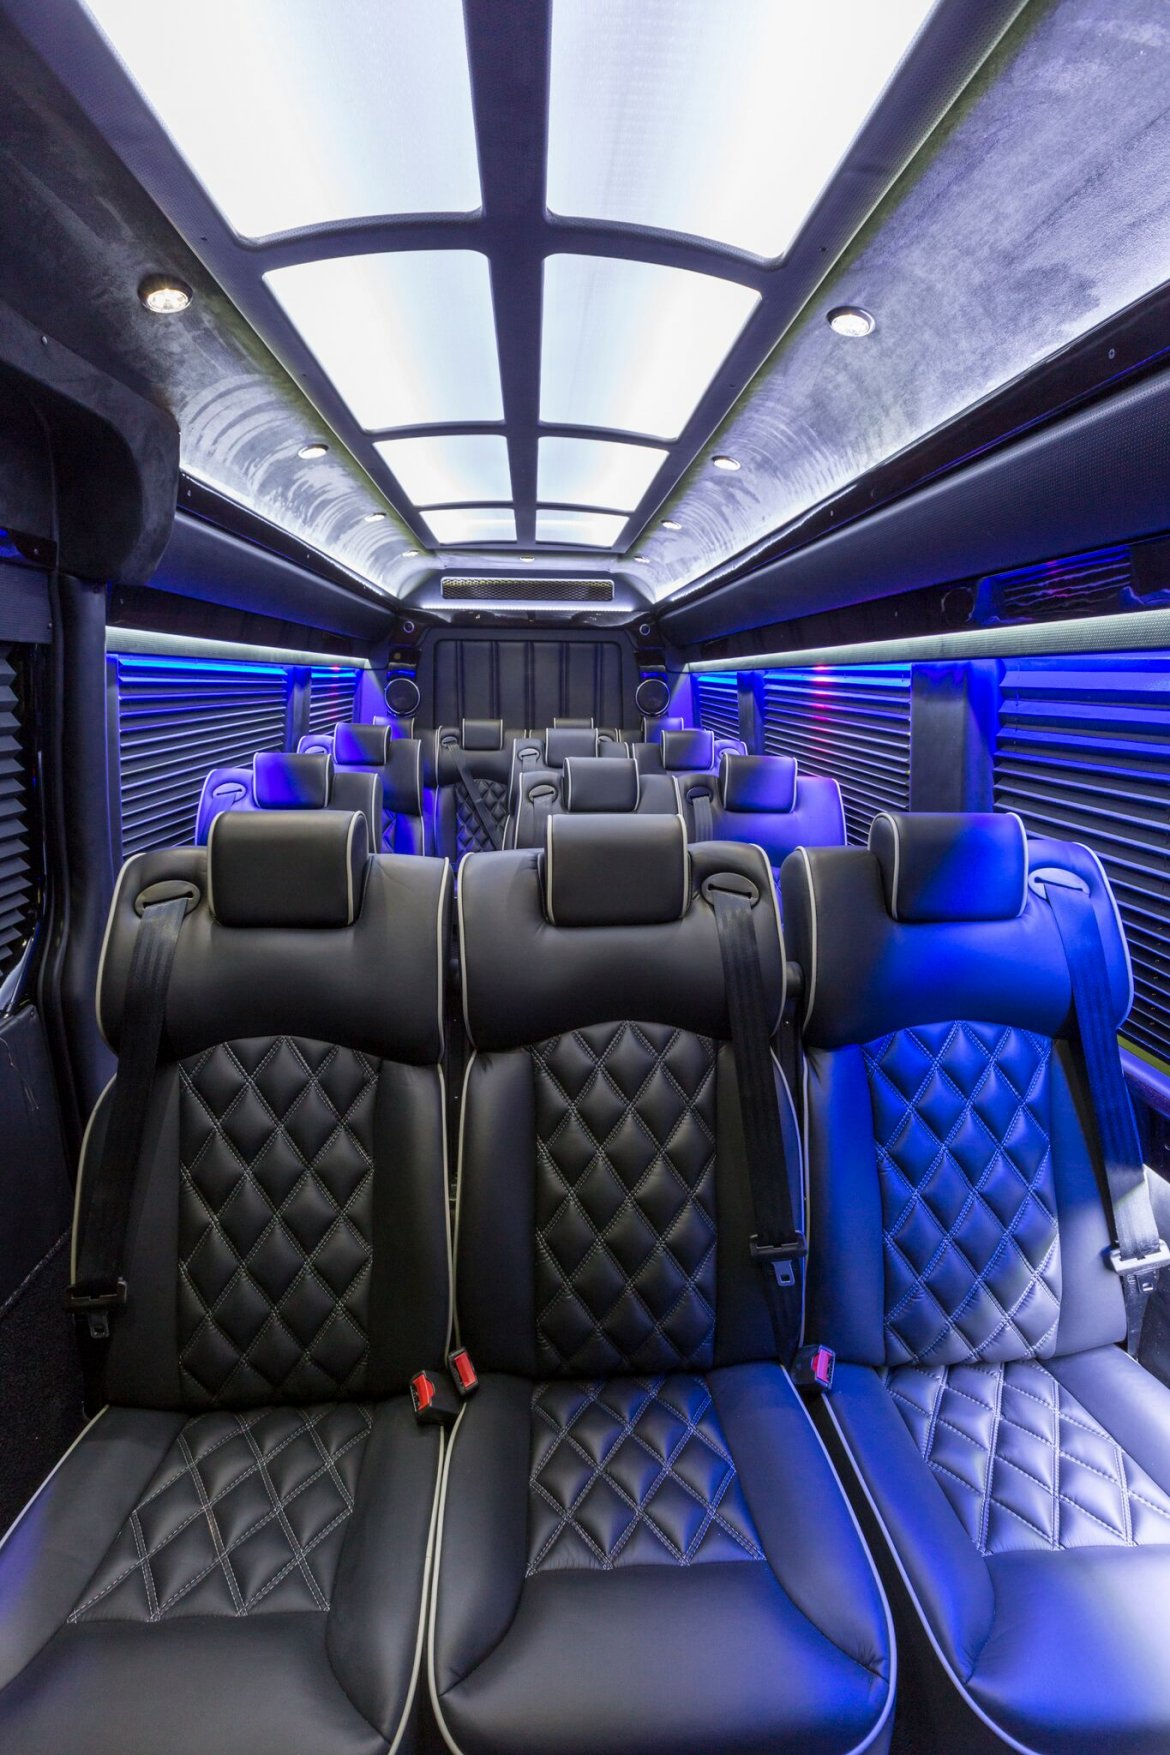 New 2016 Mercedes-Benz Sprinter luxury 3500 for sale #WS ...